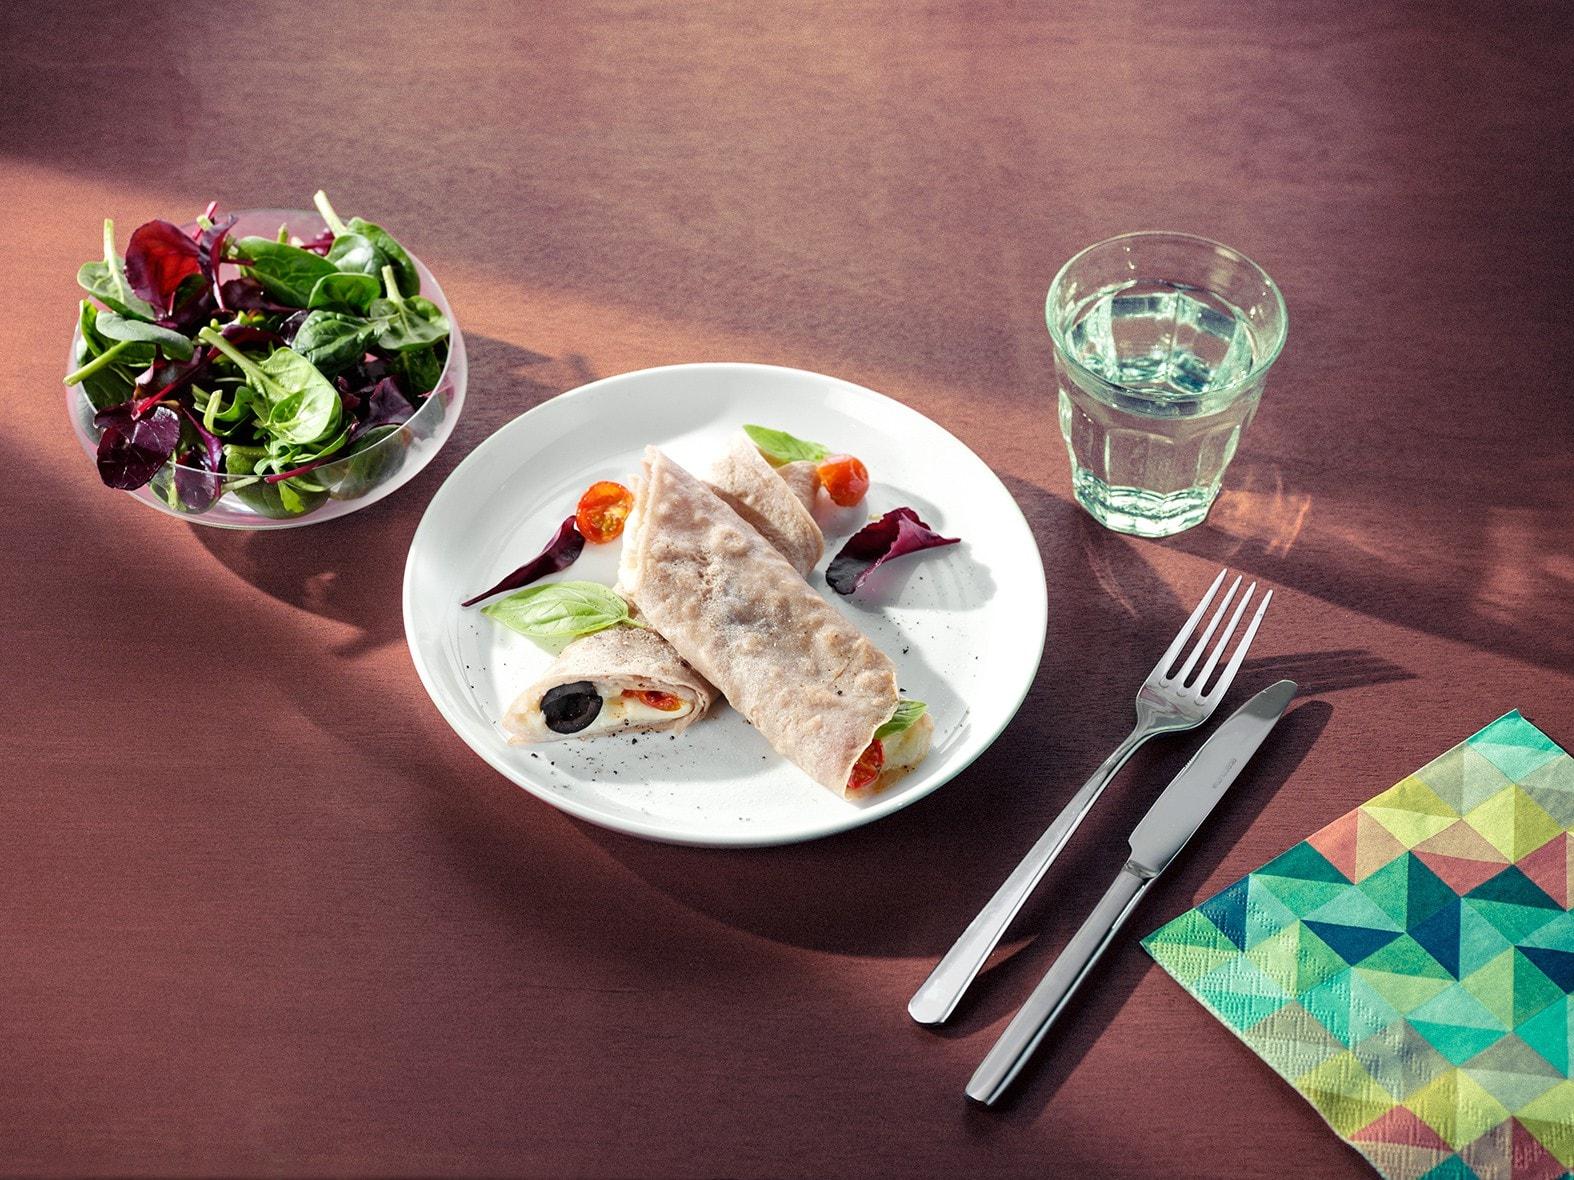 Boekweitpannenkoeken met buffelmozzarella, kerstomaten en zwarte olijven